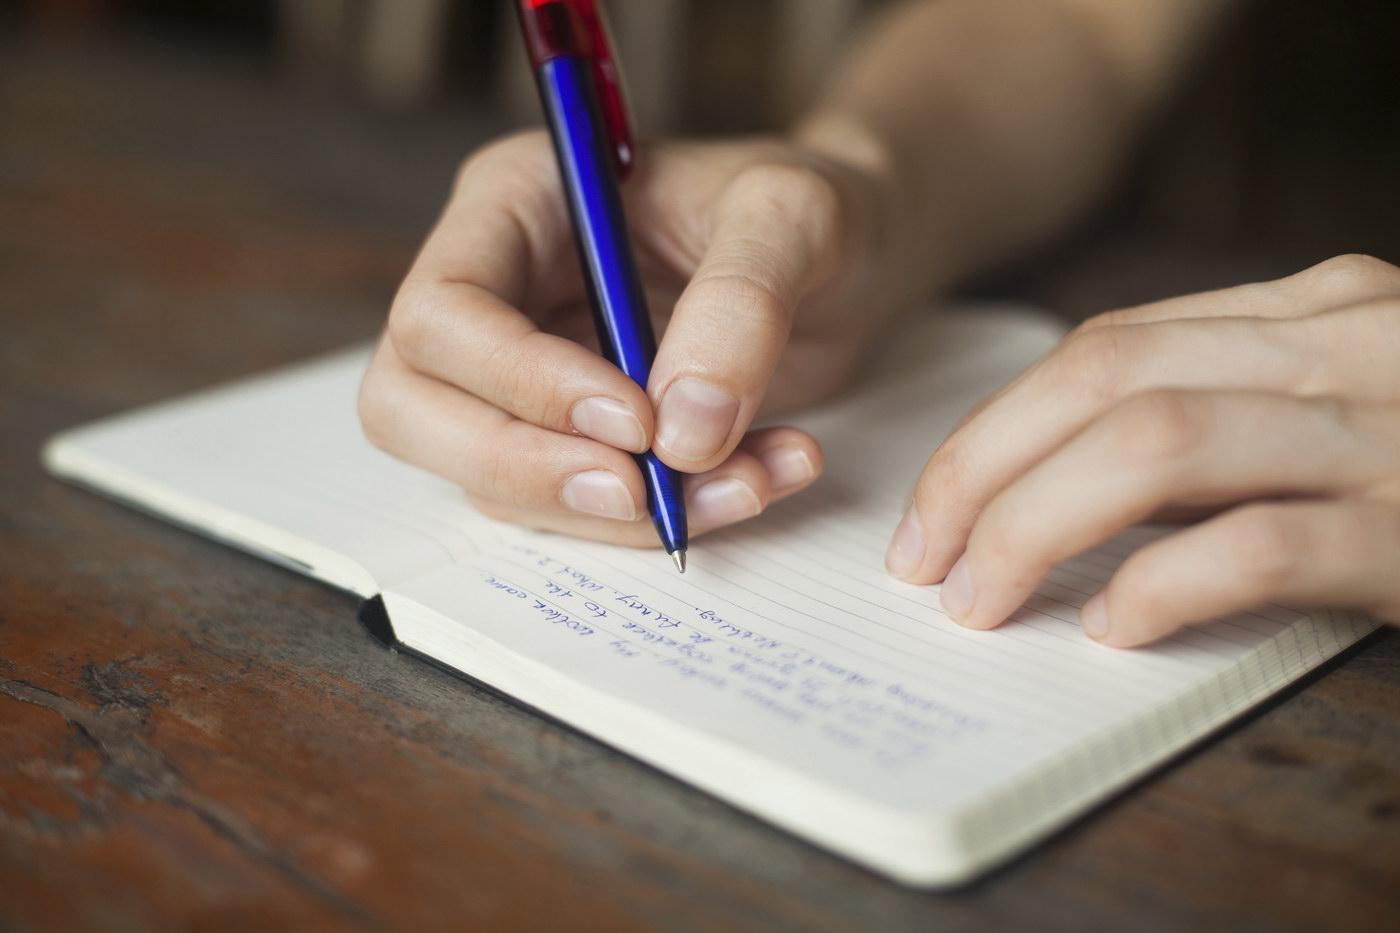 Scrisoarea unei viitoare mirese pentru mama soacra